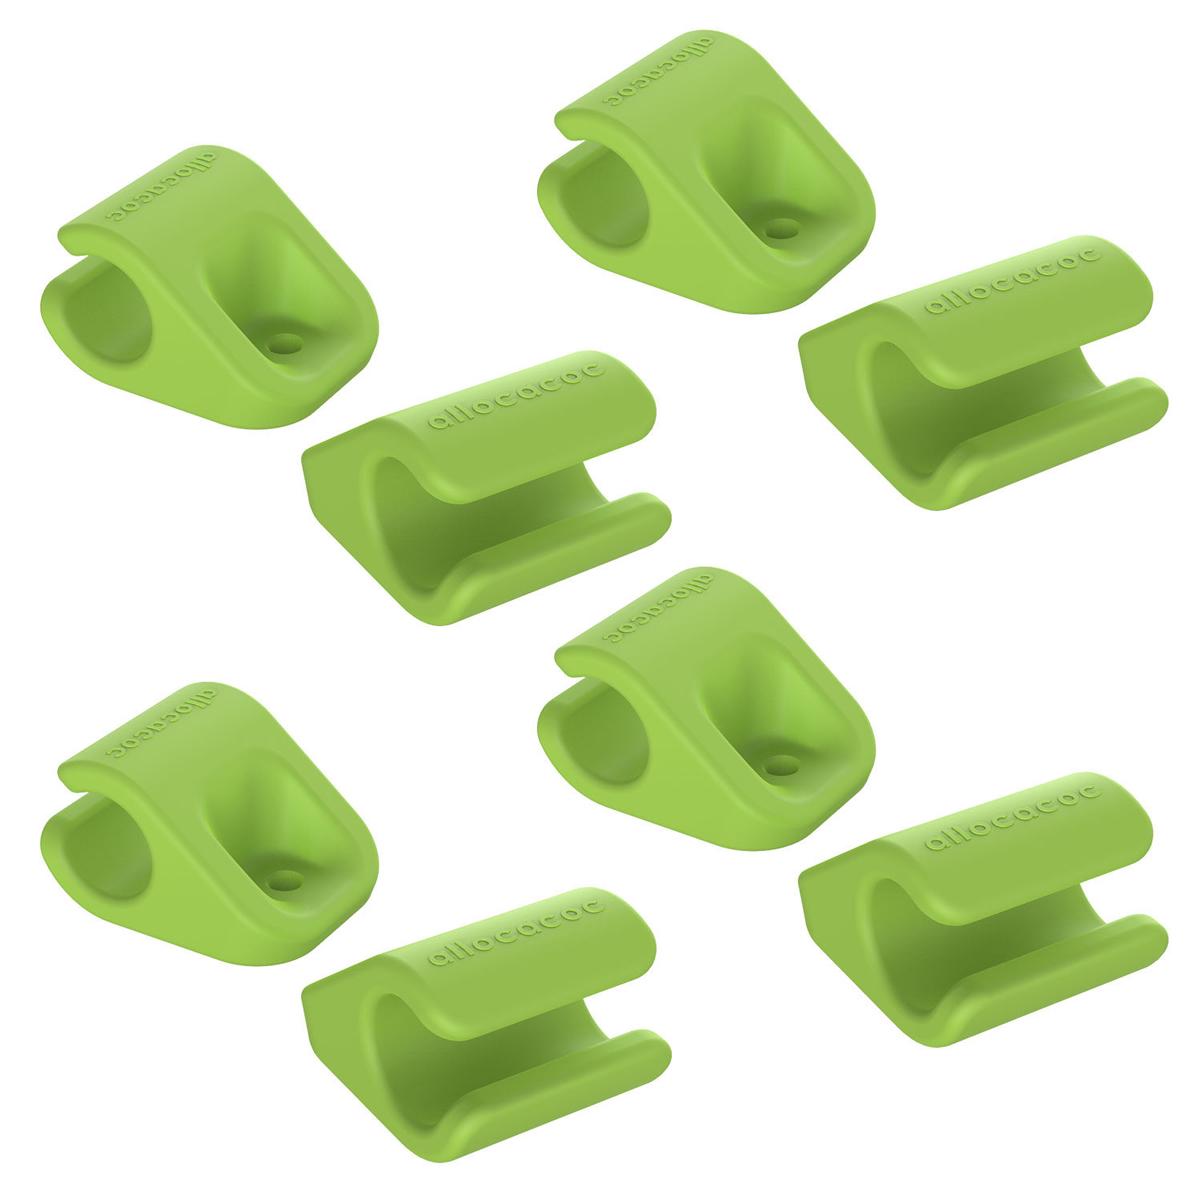 Allocacoc CableFix, Green держатель для кабеля, 8 шт0004GN/CBLFIXДержатель для проводов Allocacoc CableFix поможет не только навести порядок на вашем рабочем столе, но и сделать работу за ним более комфортной. Можно прикрепить к поверхностям разными способами: от липкой ленты до самореза. Липкие пластинки входят в комплект. Благодаря таким держателям провода легко убираются и надежно фиксируются в нужном вам положении и месте. Совместимость: кабели диаметром от 4 мм до 10 мм